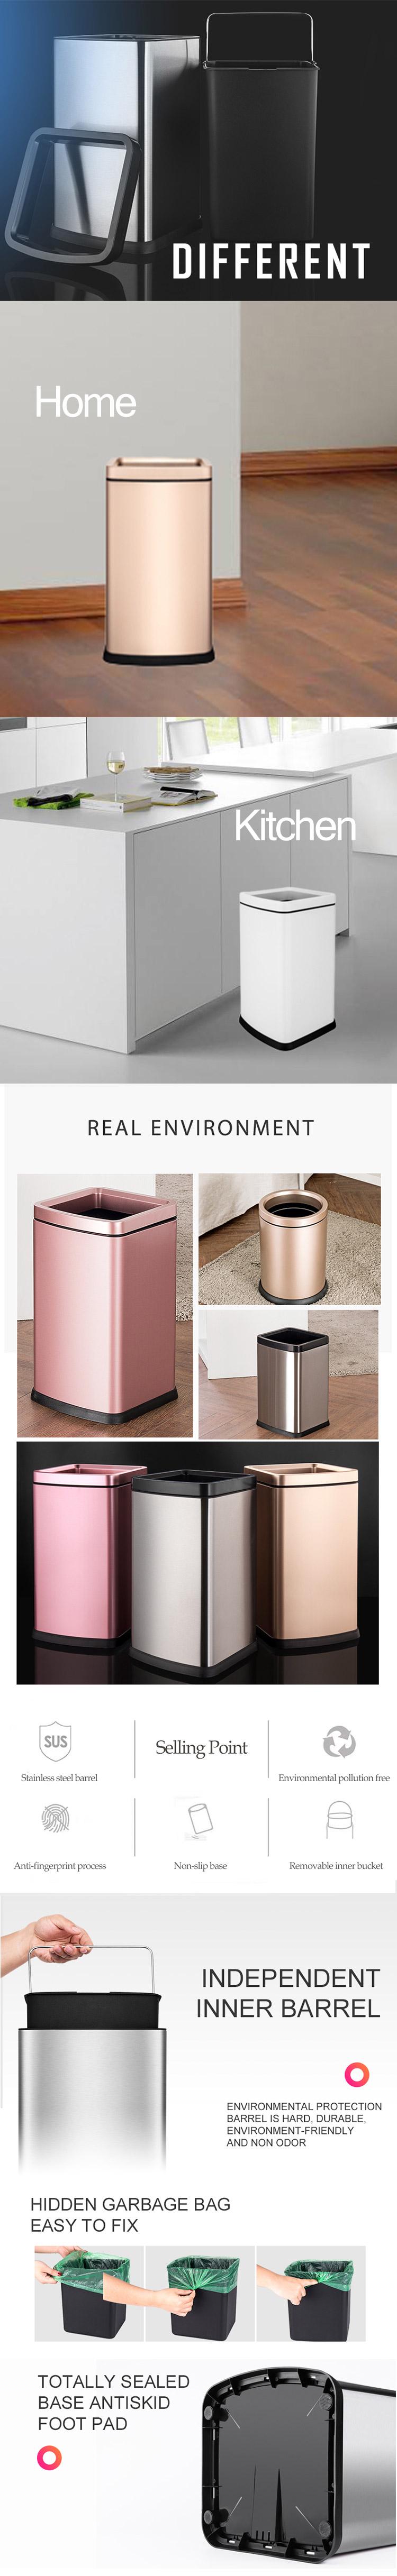 Yanmaz dokunmatik düşük fiyat ile çöp kutusu bio